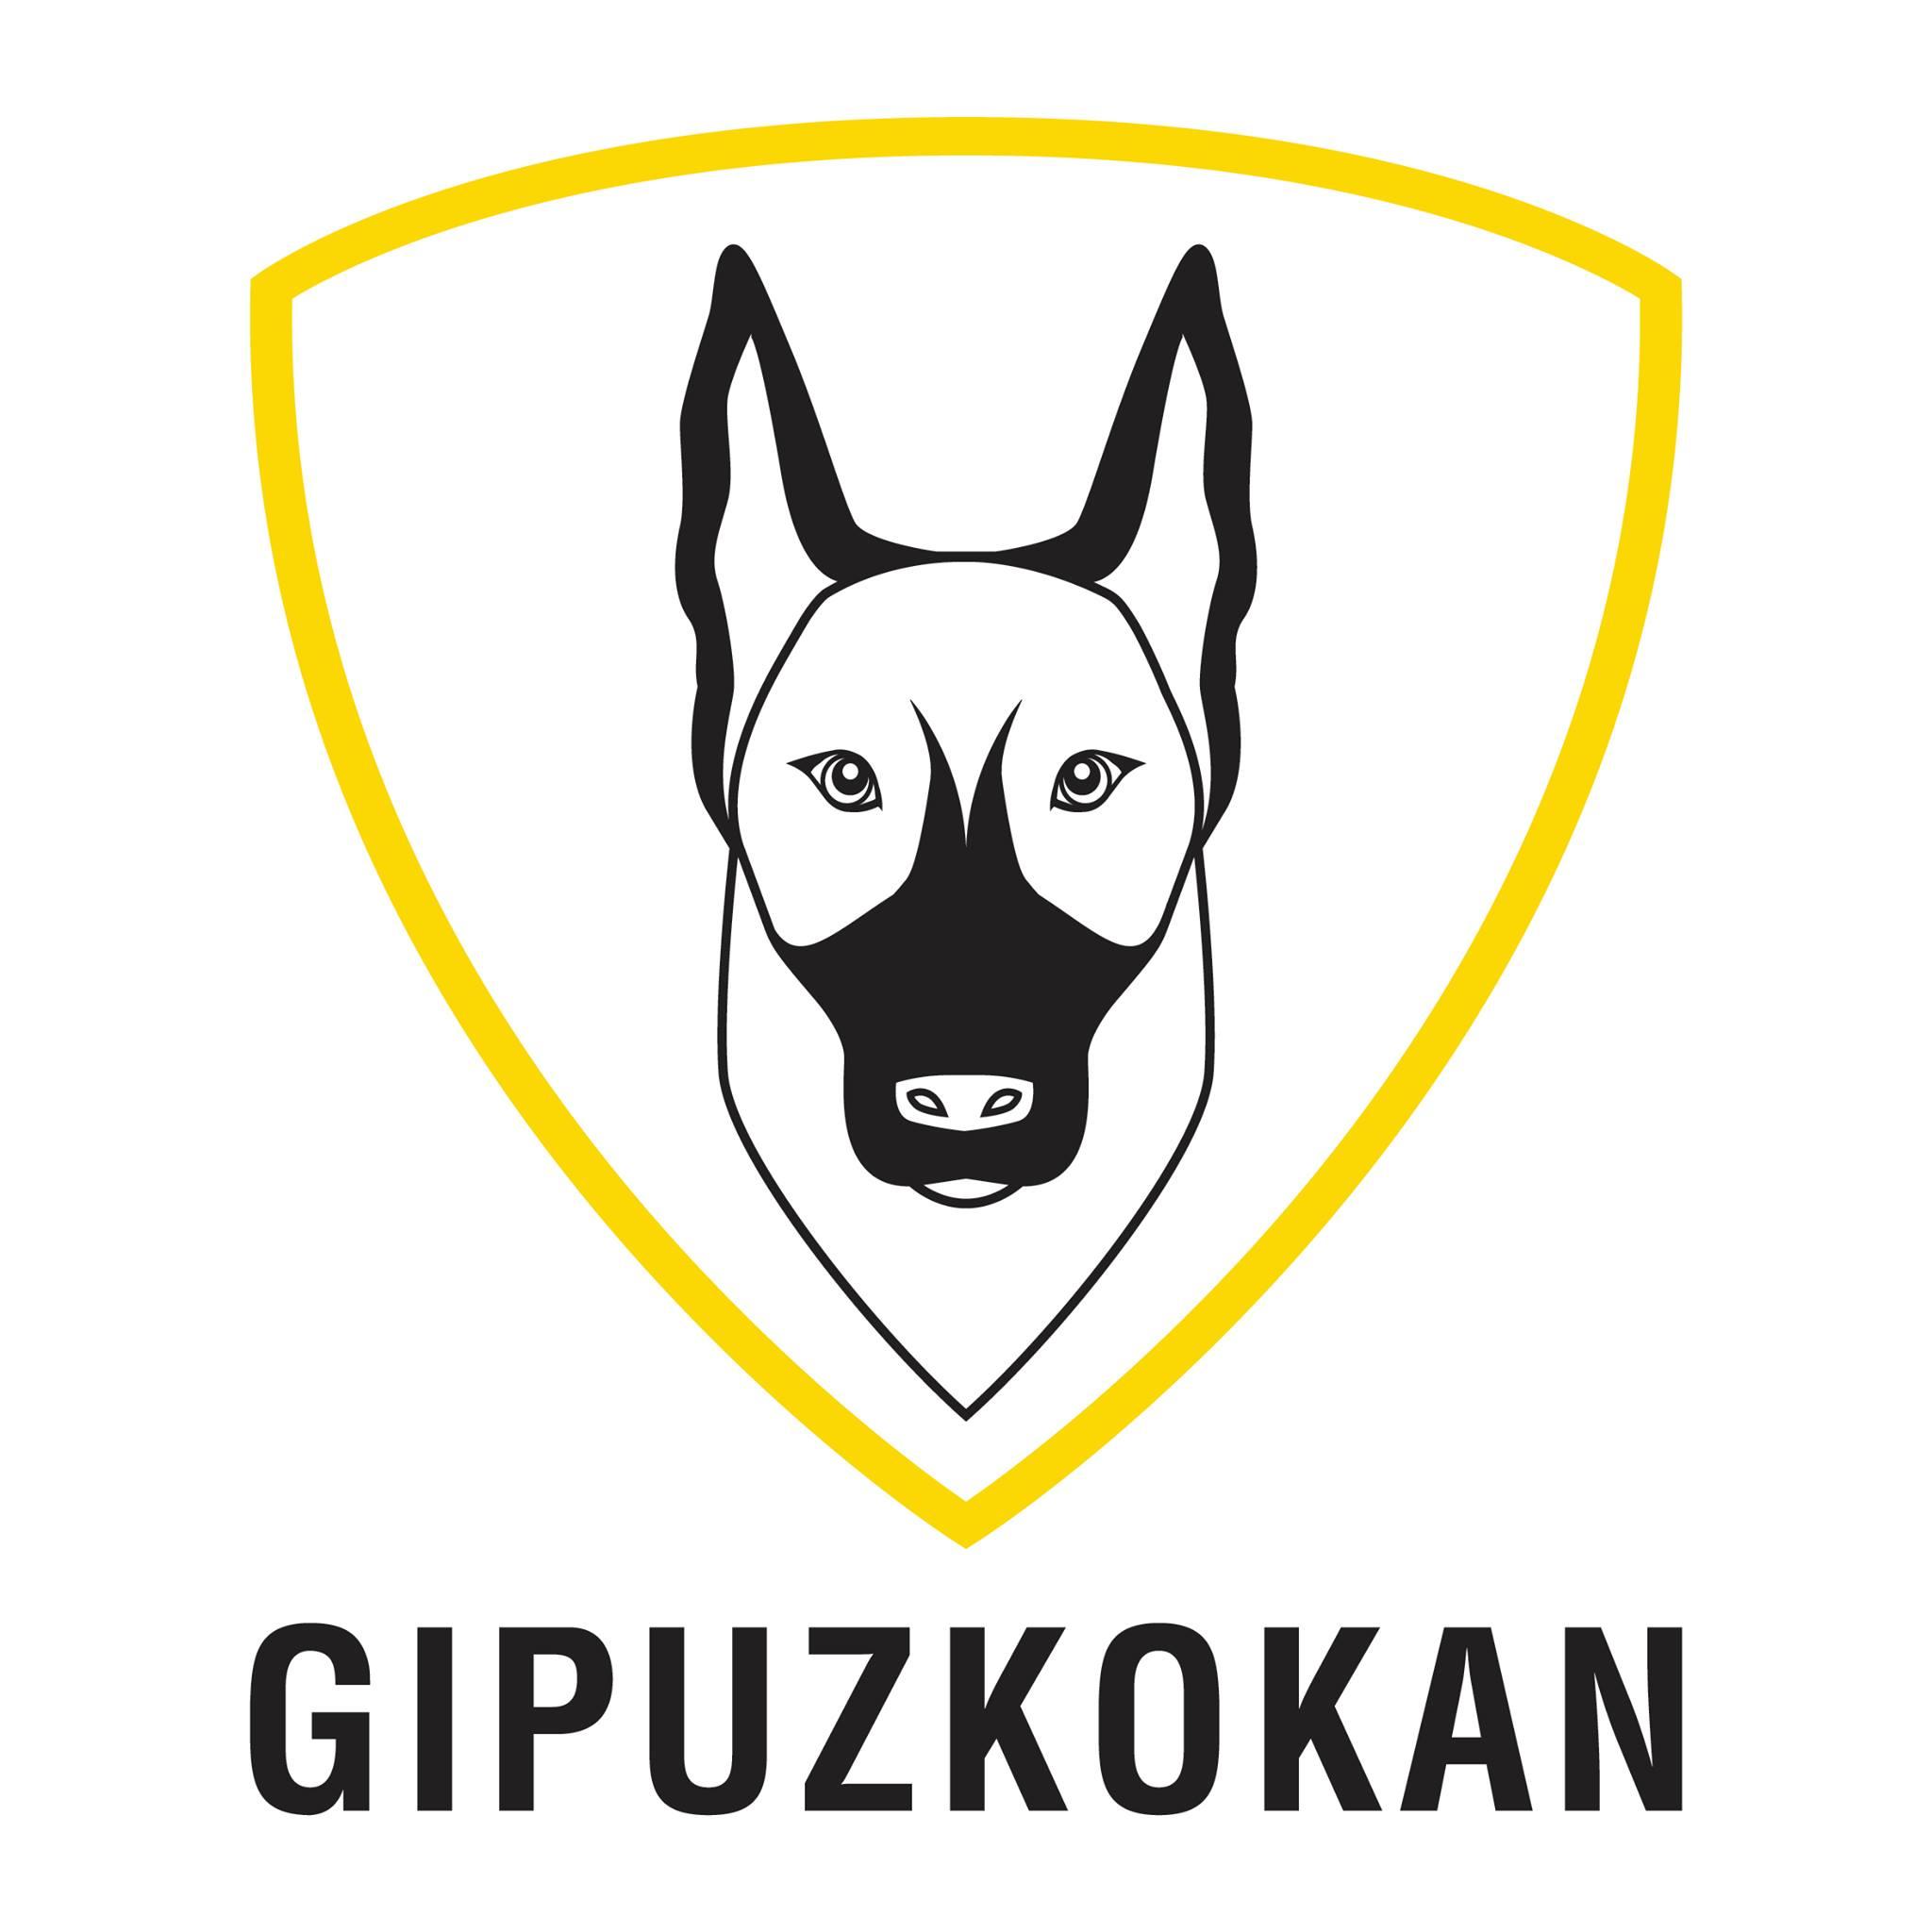 Adiestradores Caninos Guipúzcoa GIPUZKO KAN